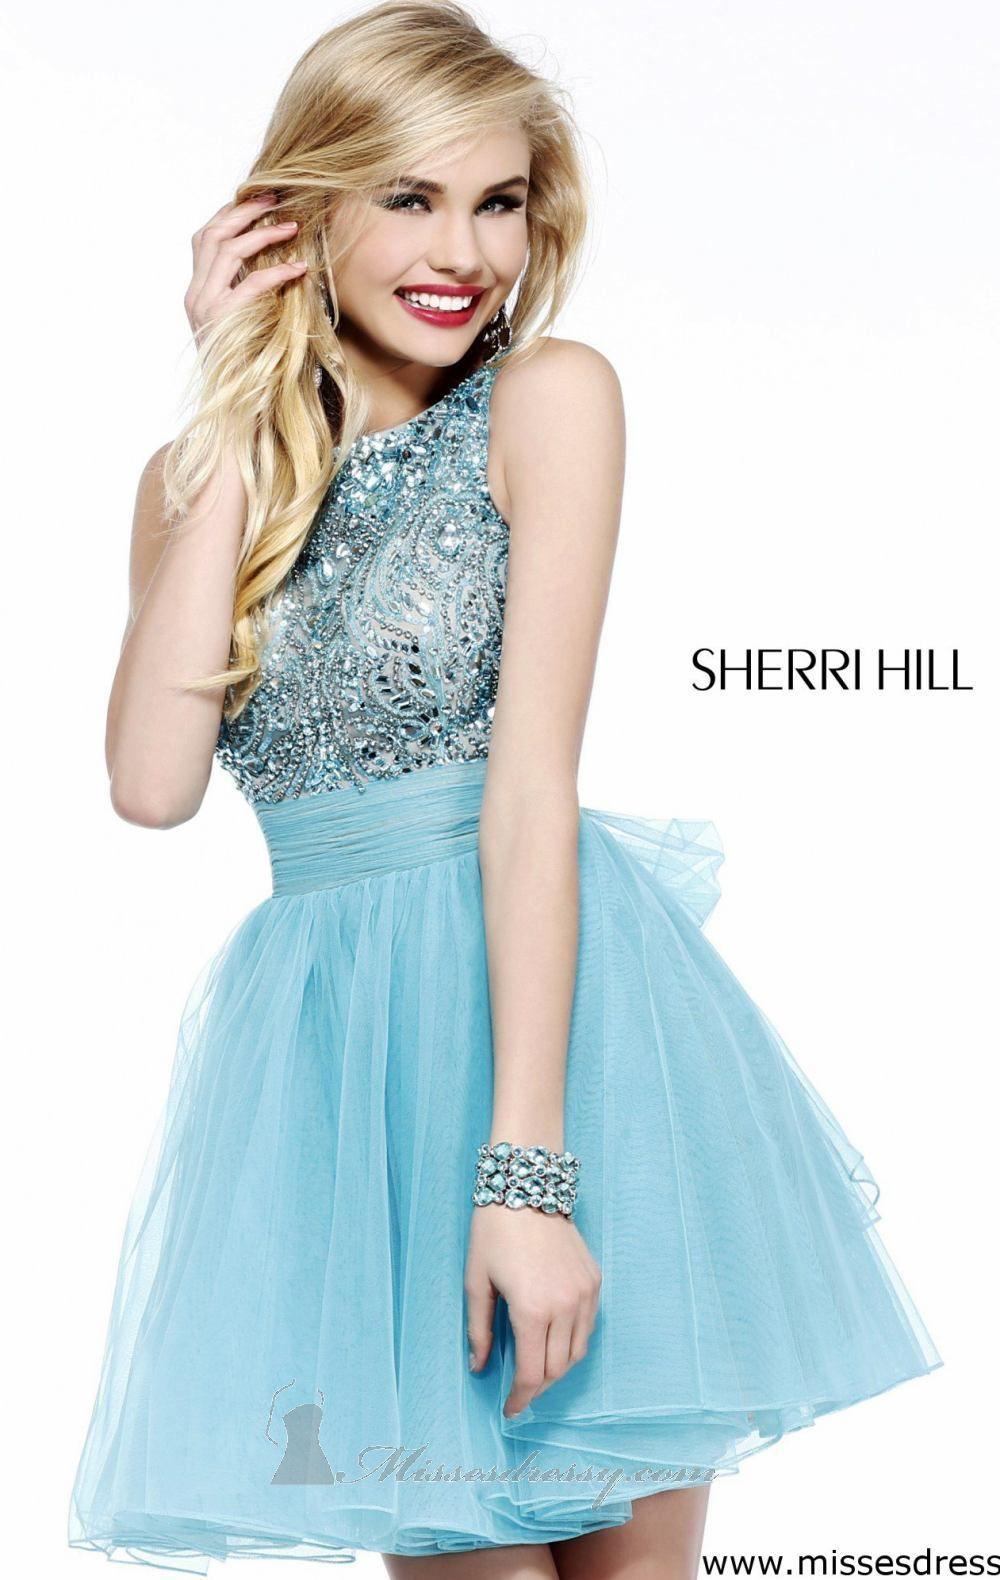 Sherri Hill 11032 | Fall 2013 | SHERRI HILL | Fall 2013 | Pinterest ...